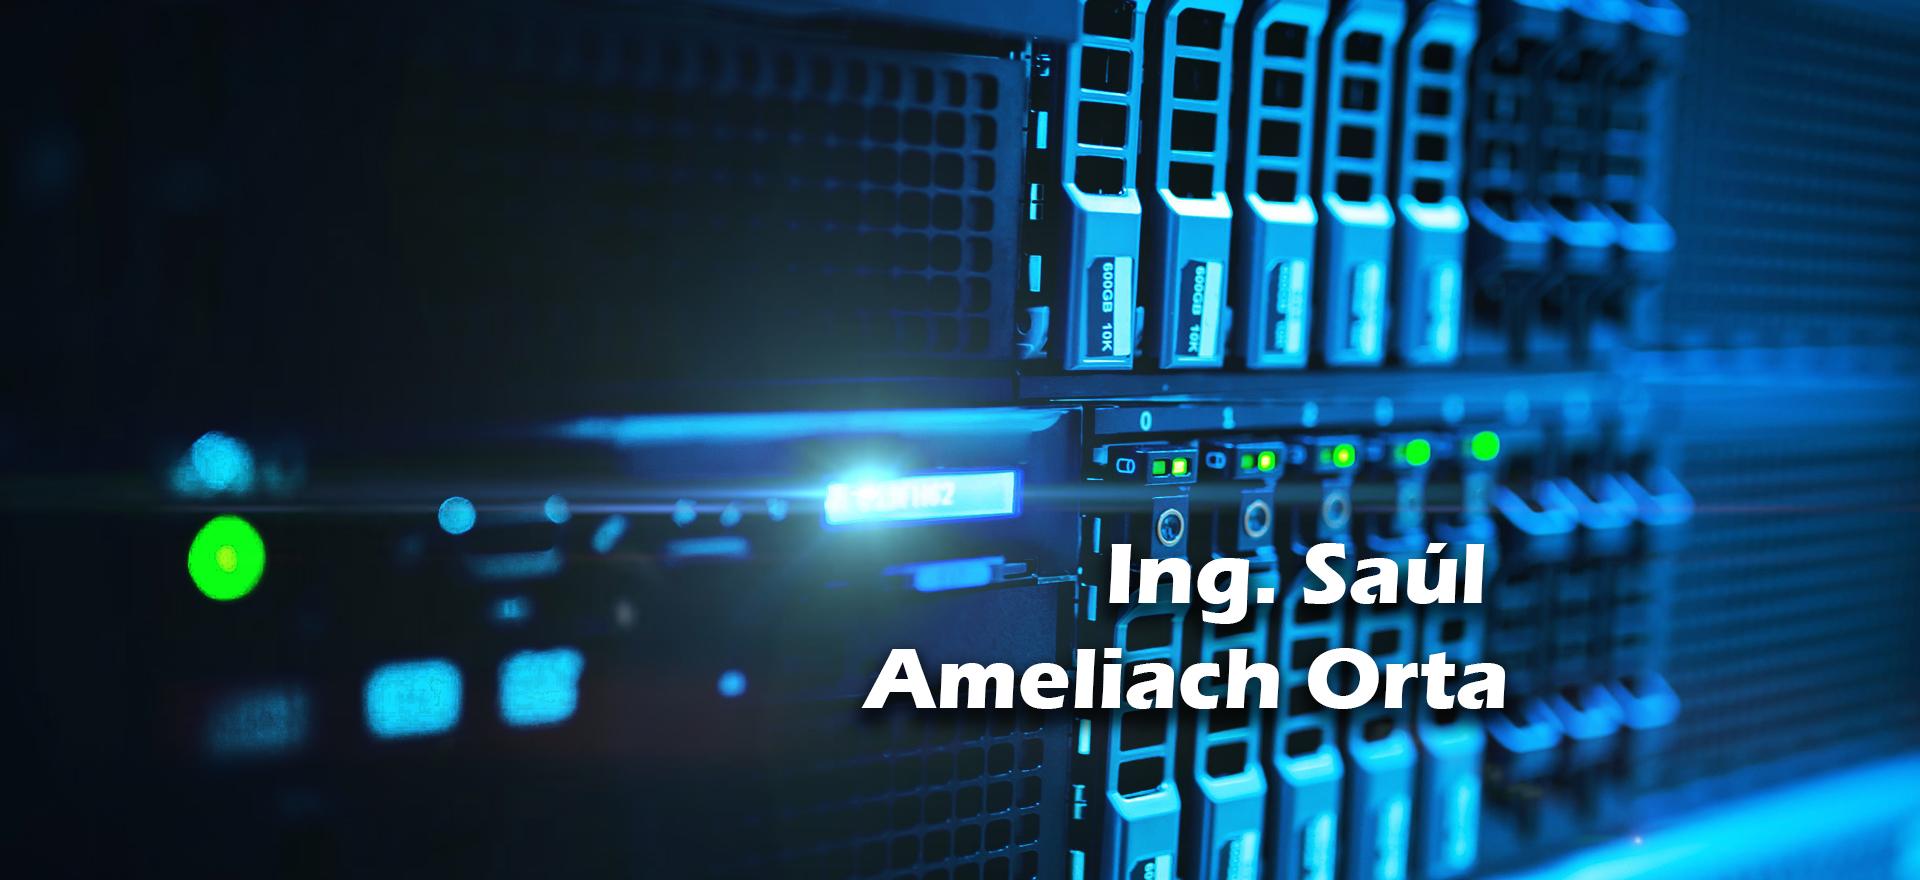 Biografia de Saul Ameliach